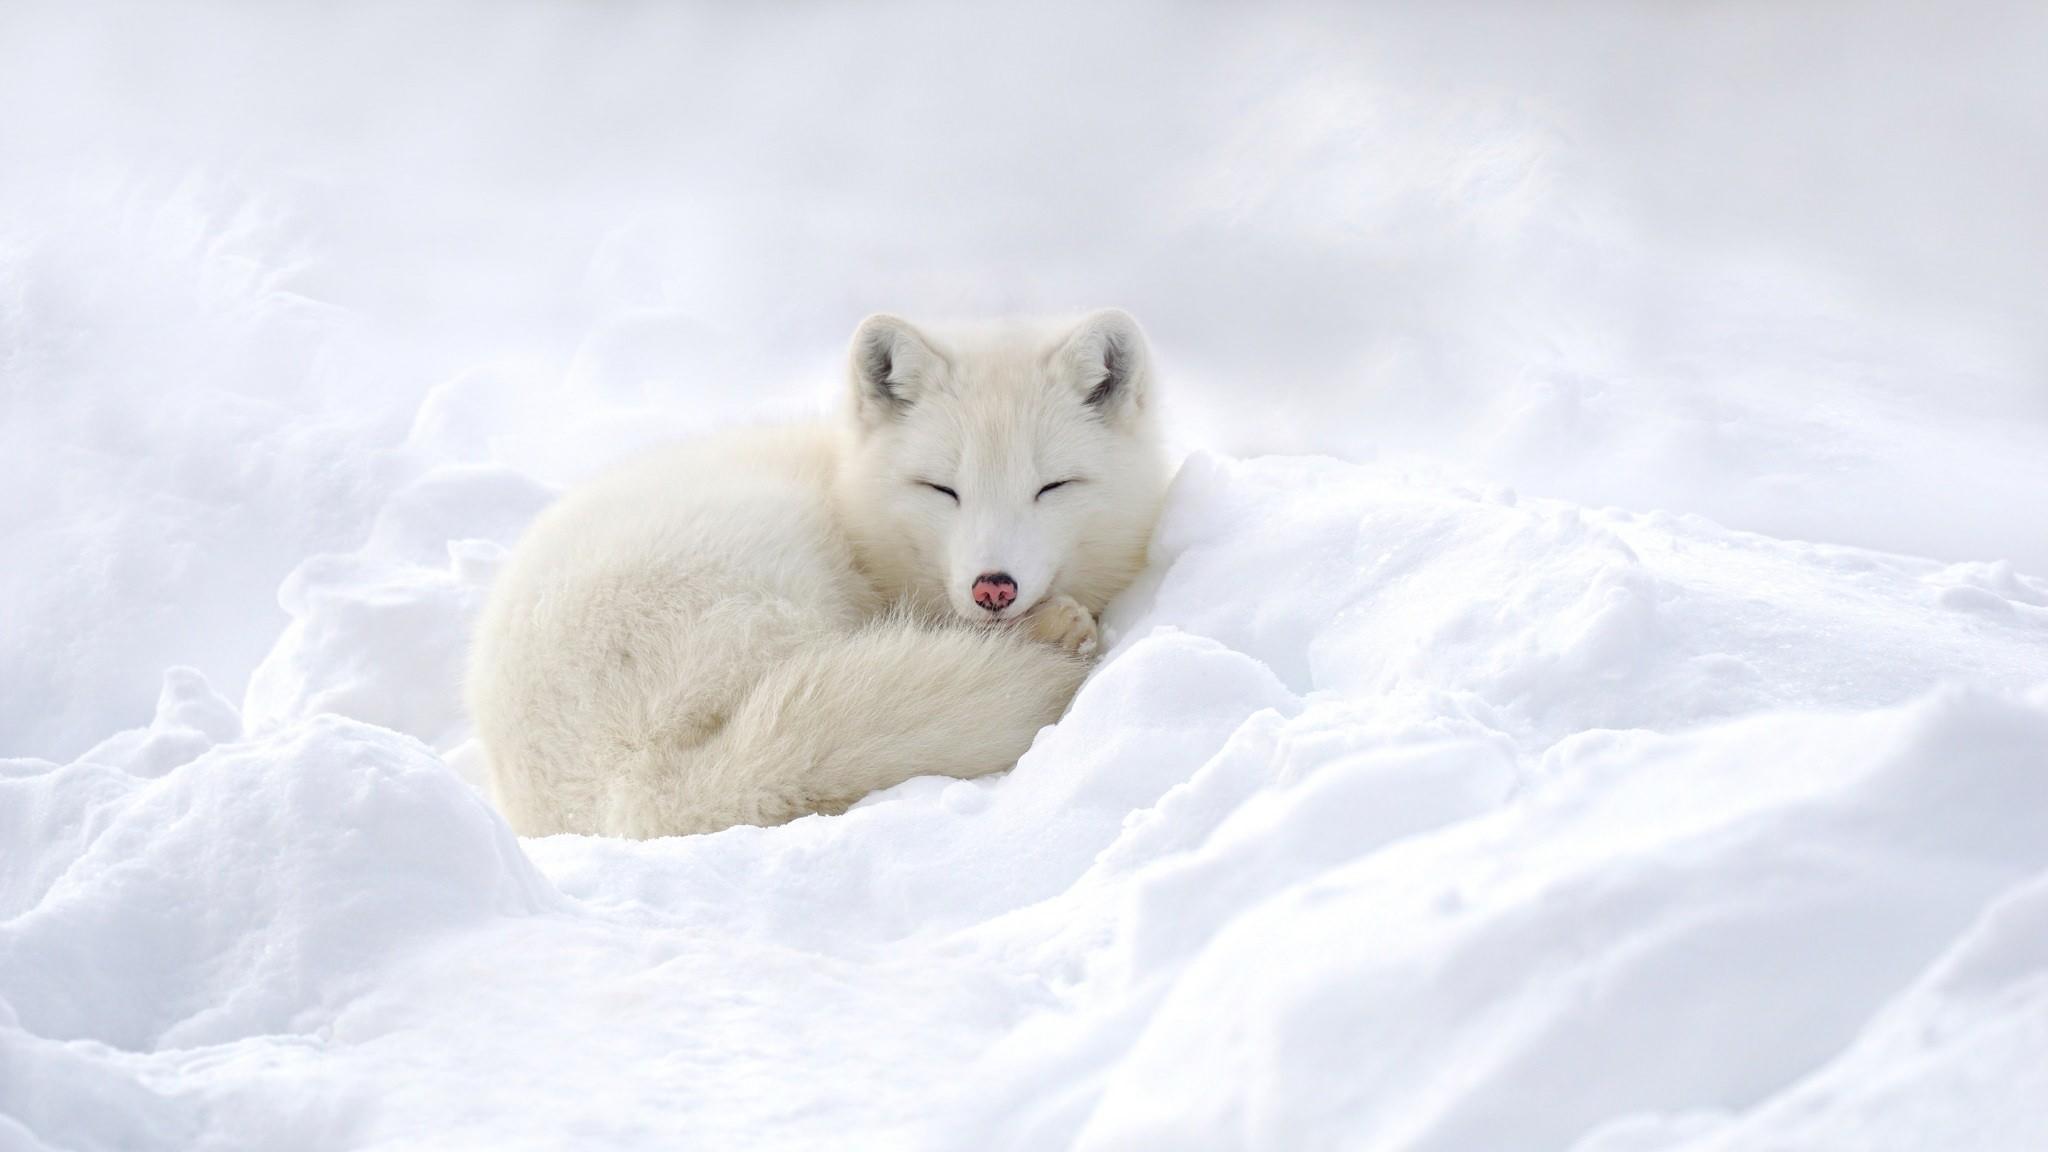 Arctic fox wallpaper 73 images - Fox desktop background ...